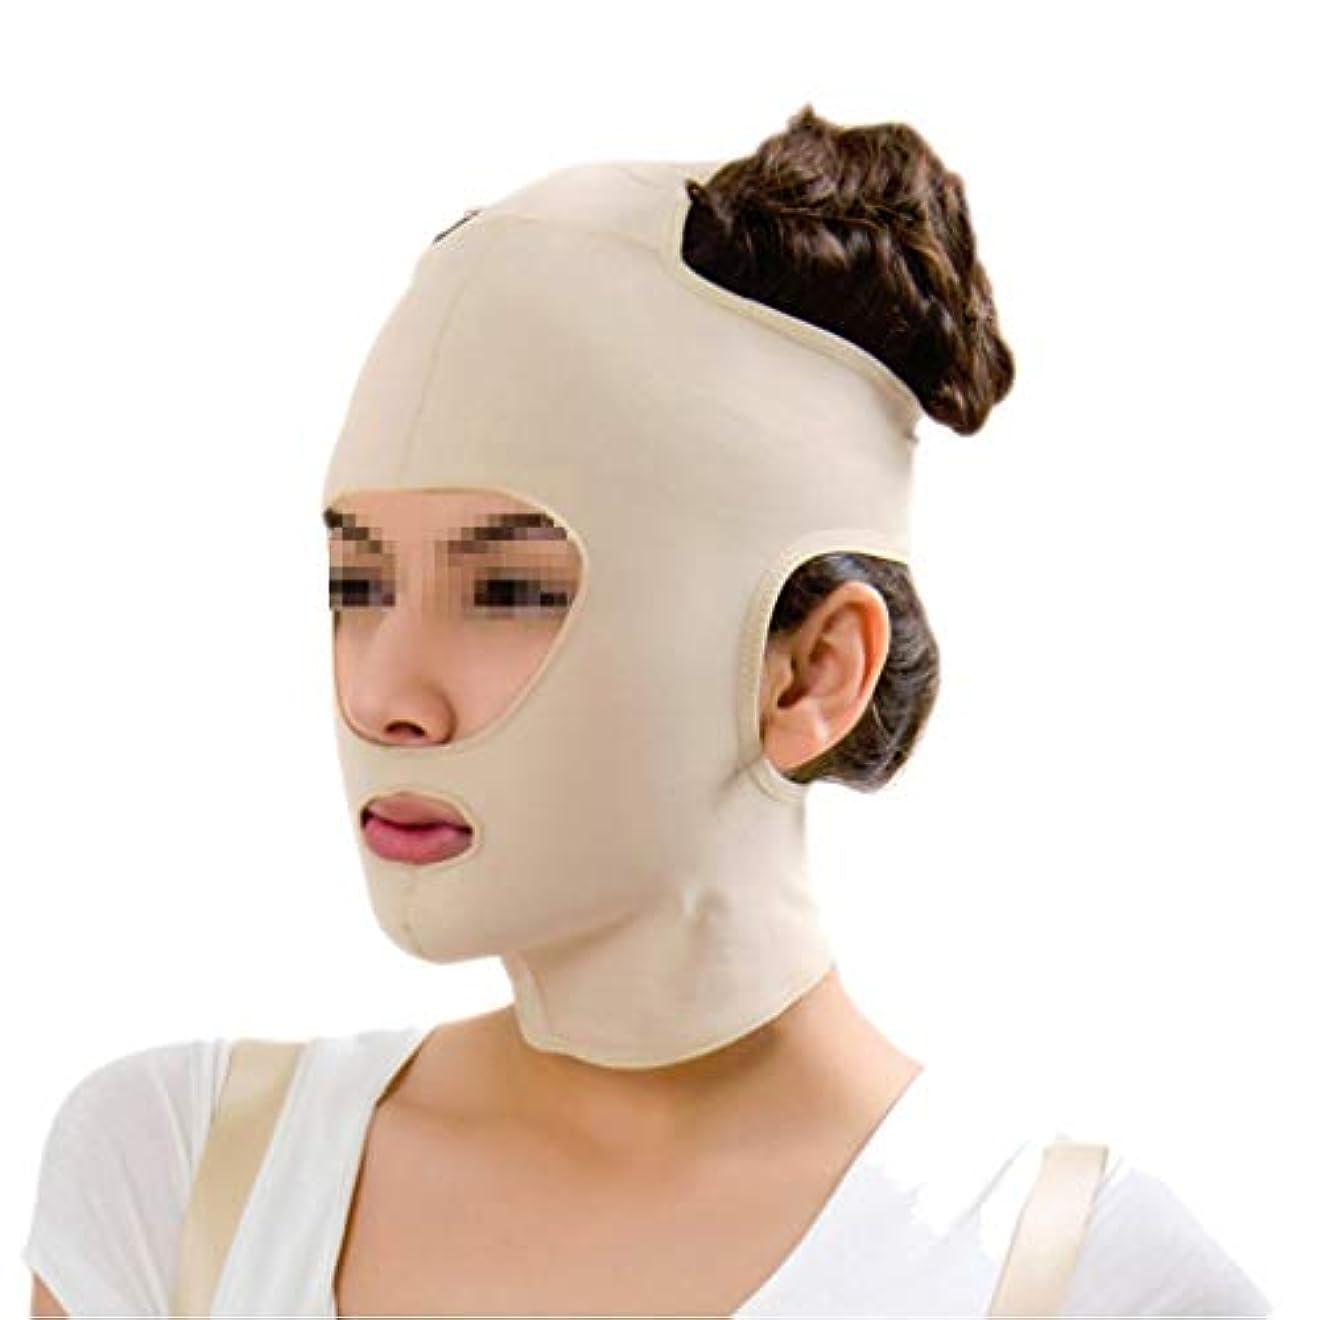 慈悲混乱させるエゴイズムXHLMRMJ フェイスリフトマスク、フルフェイスマスク医療グレード圧力フェイスダブルチンプラスチック脂肪吸引術弾性包帯ヘッドギア後の顔の脂肪吸引術 (Size : XXL)